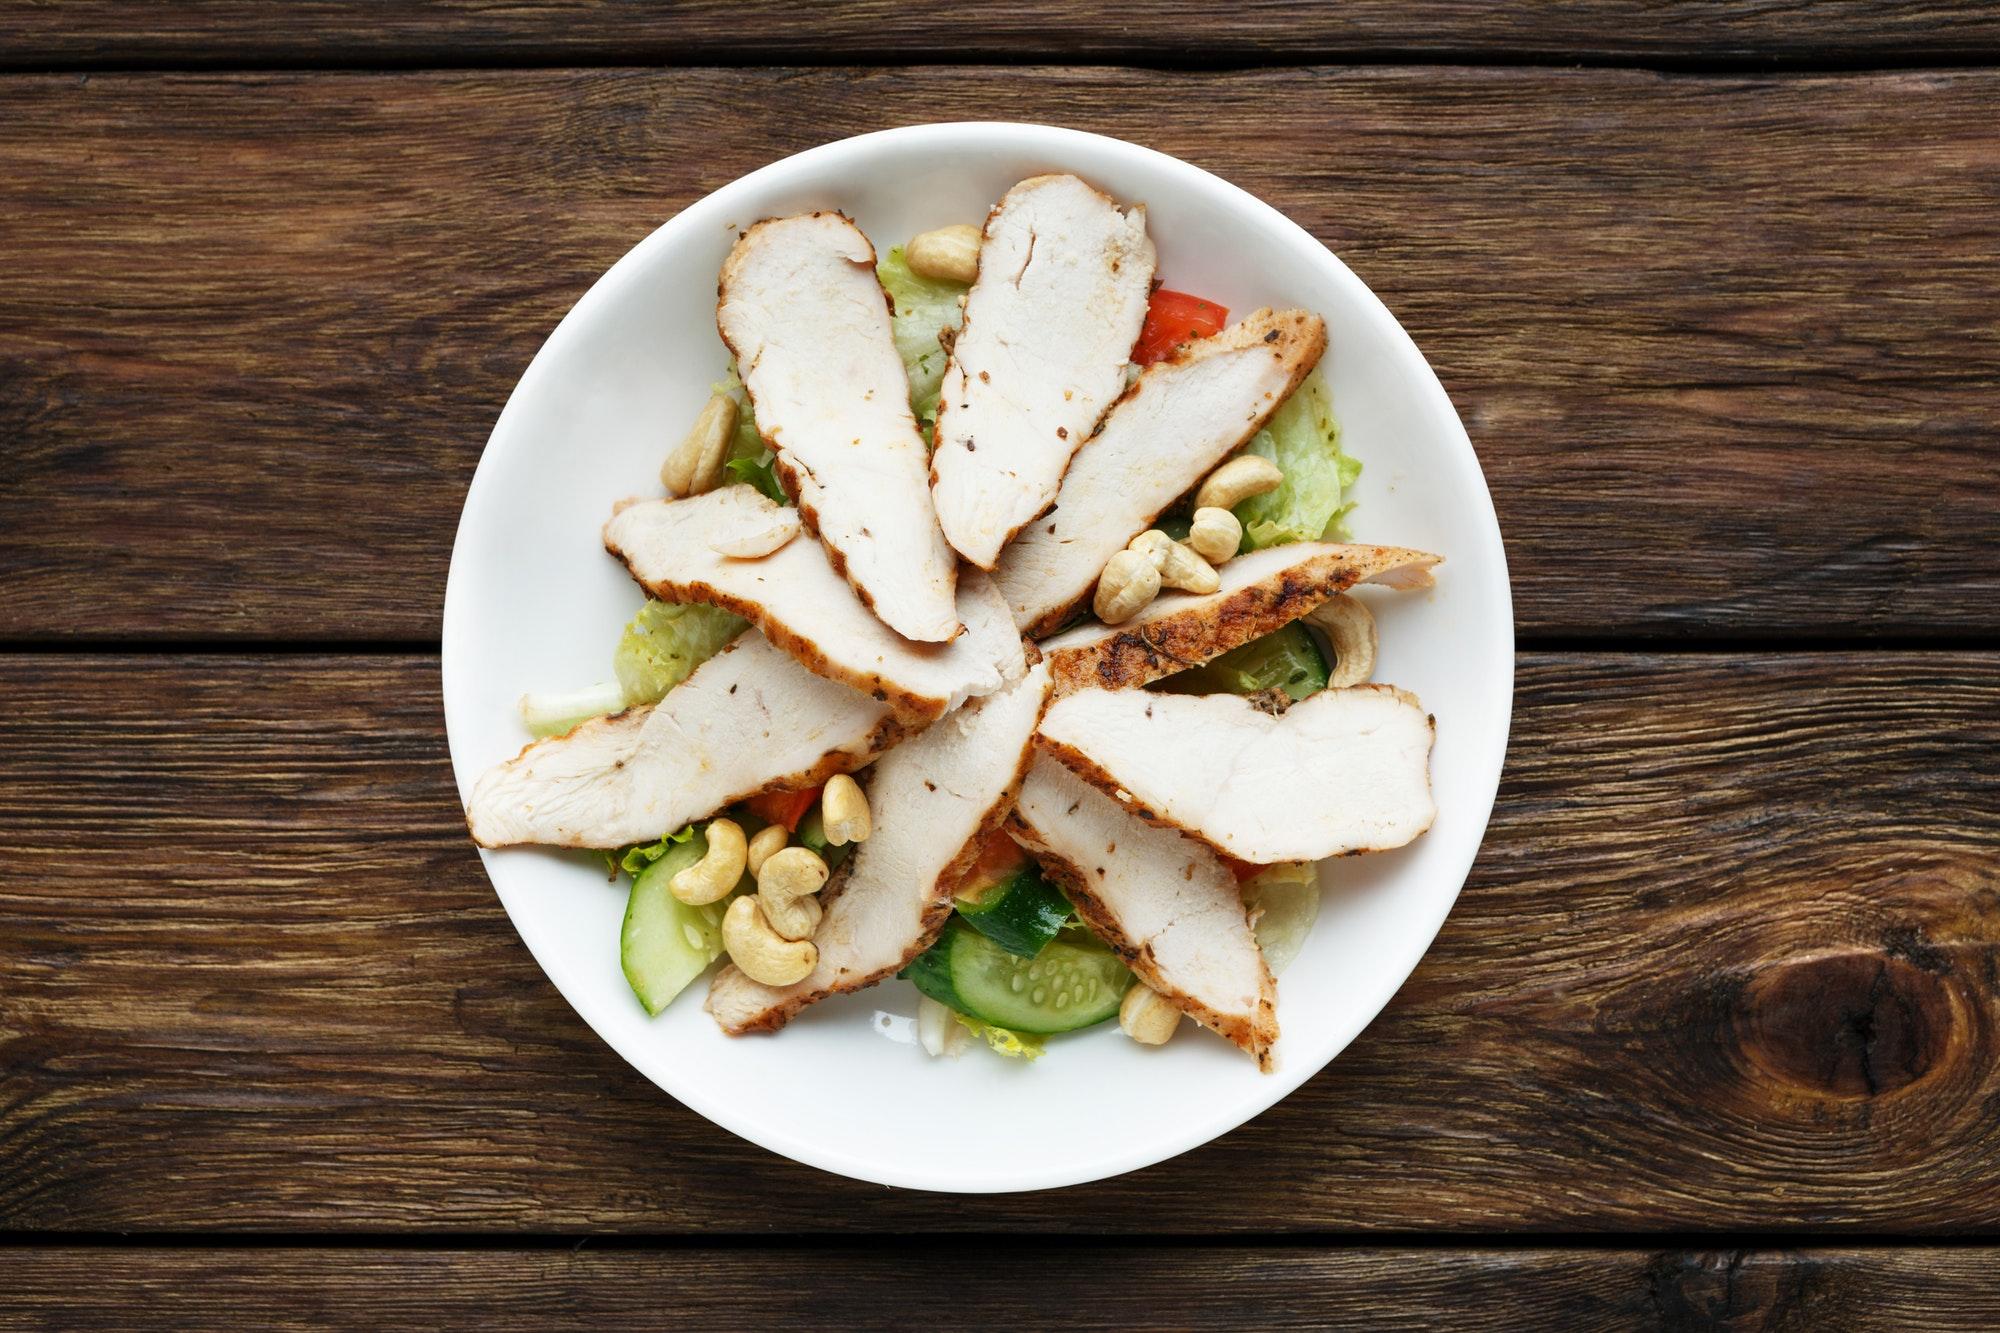 Mediterranean cashew chicken salad